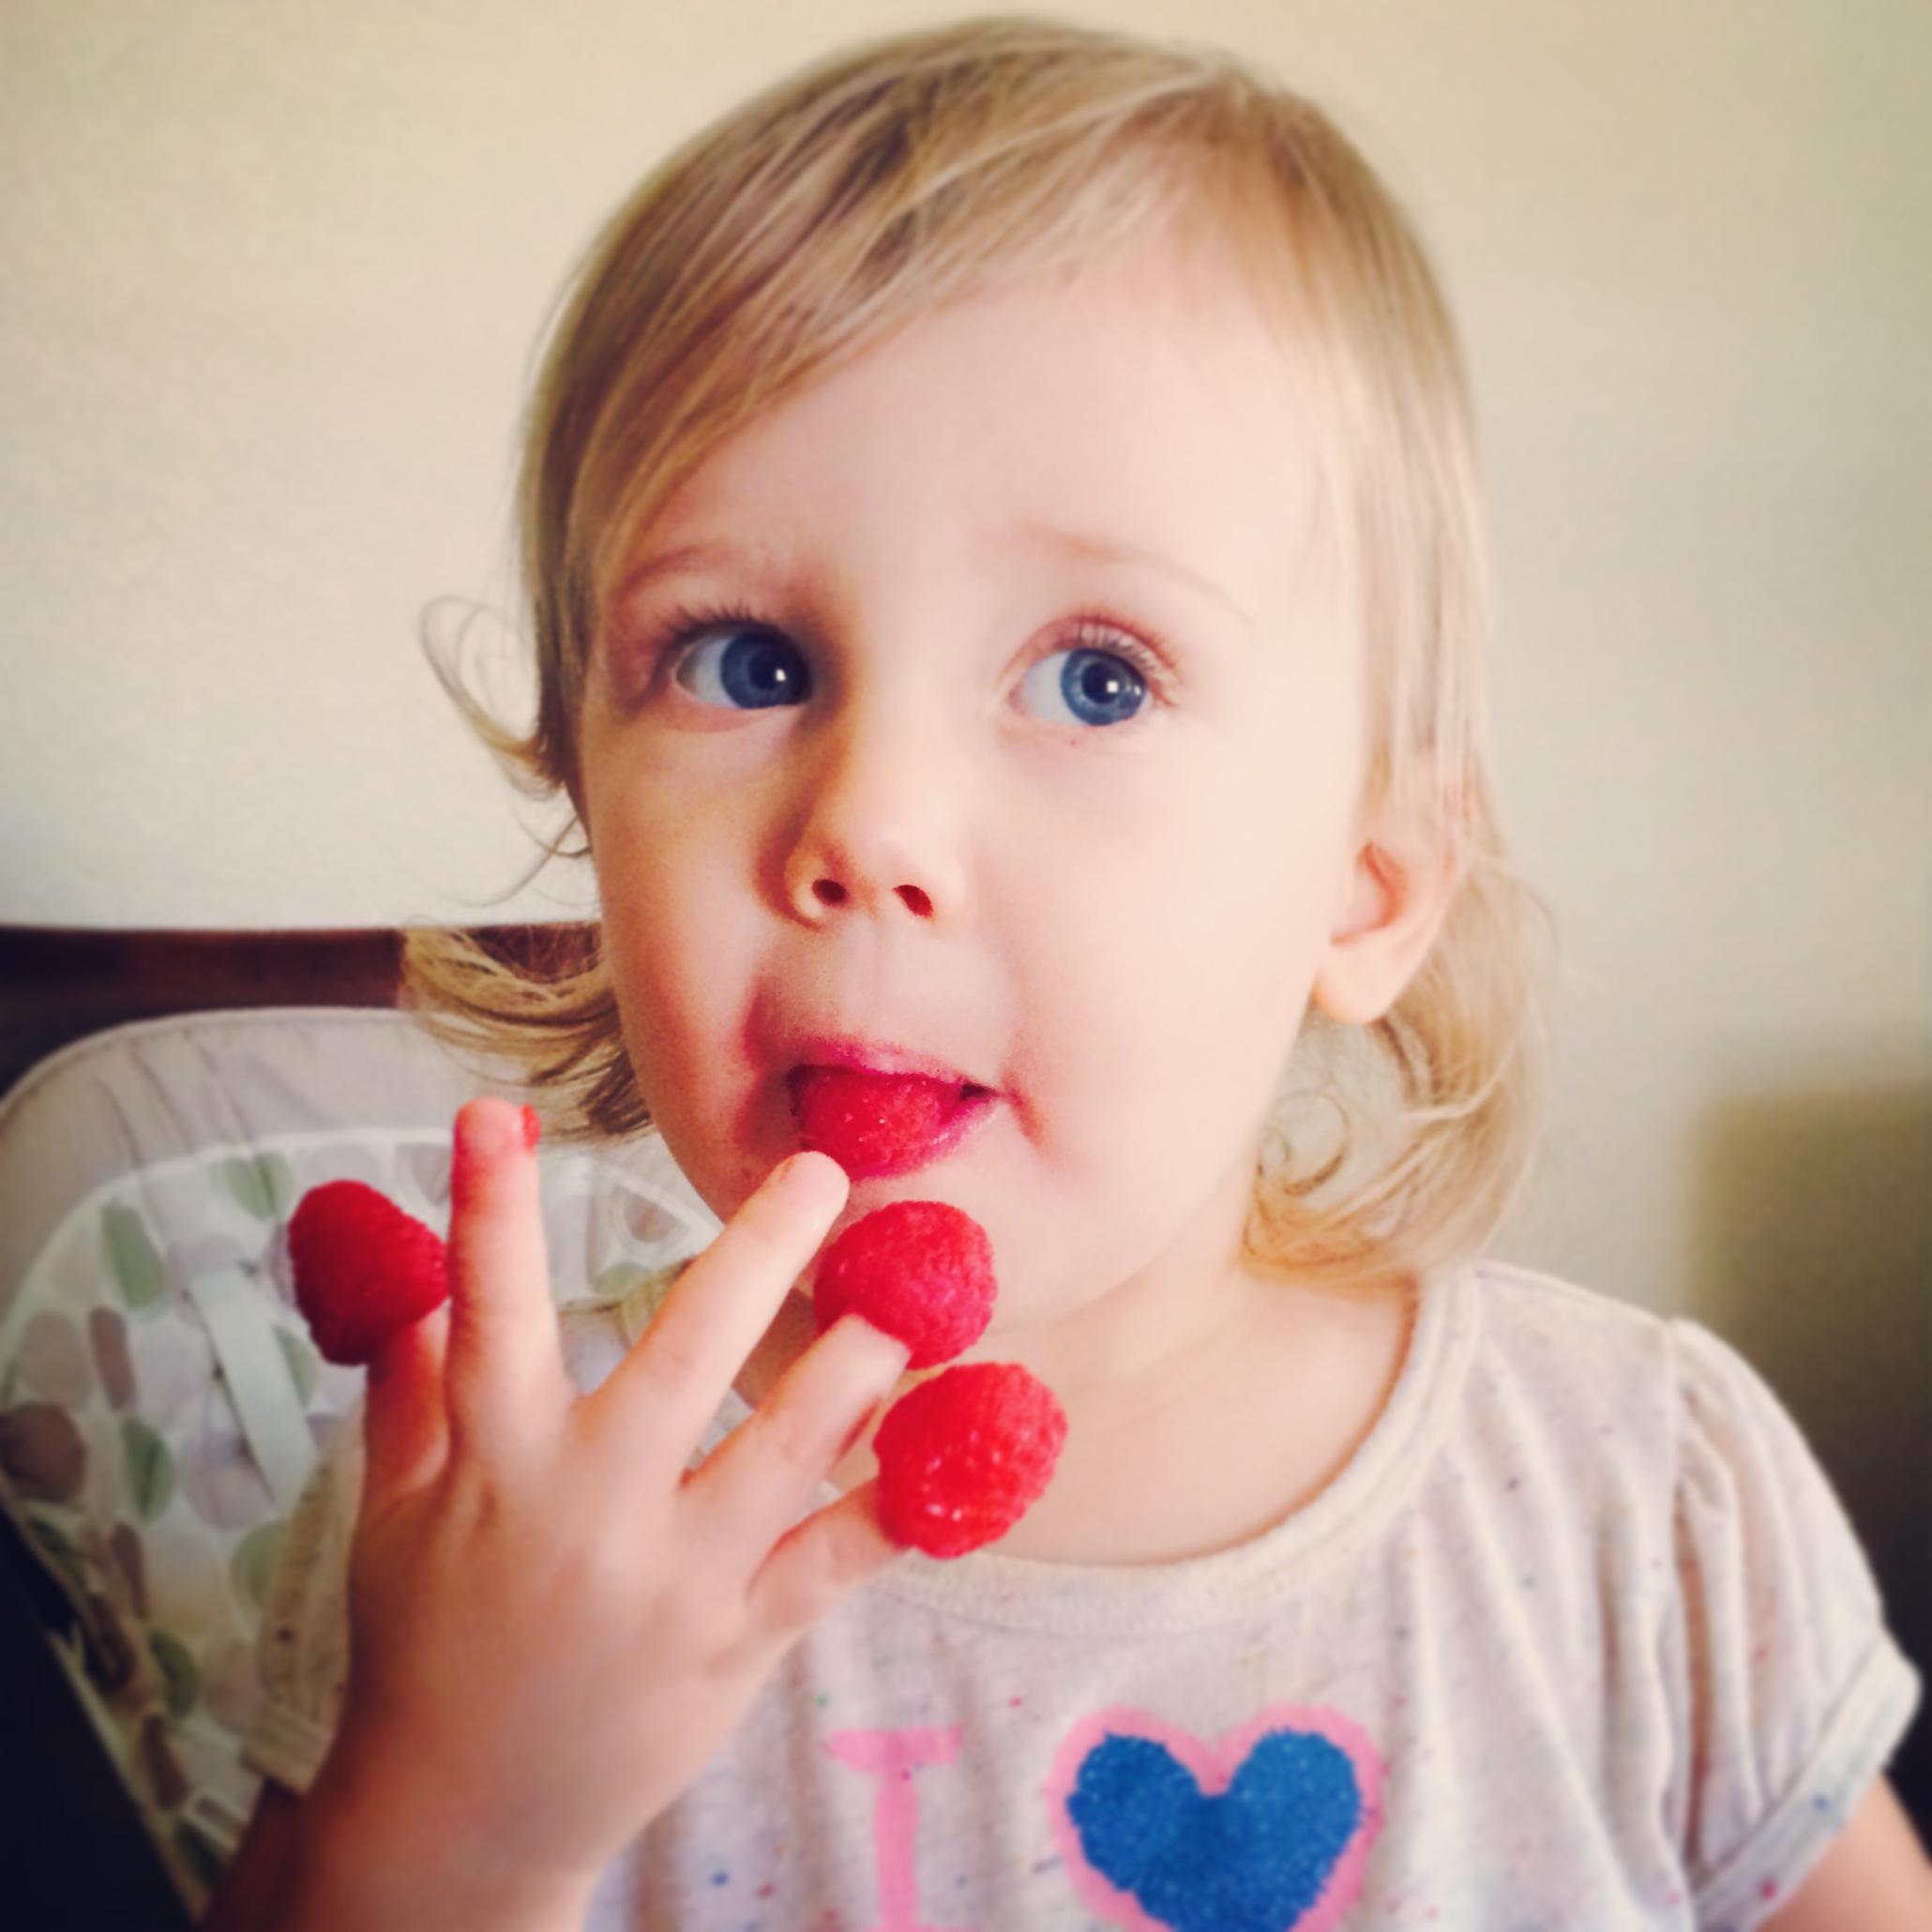 Chloe Loves Berries